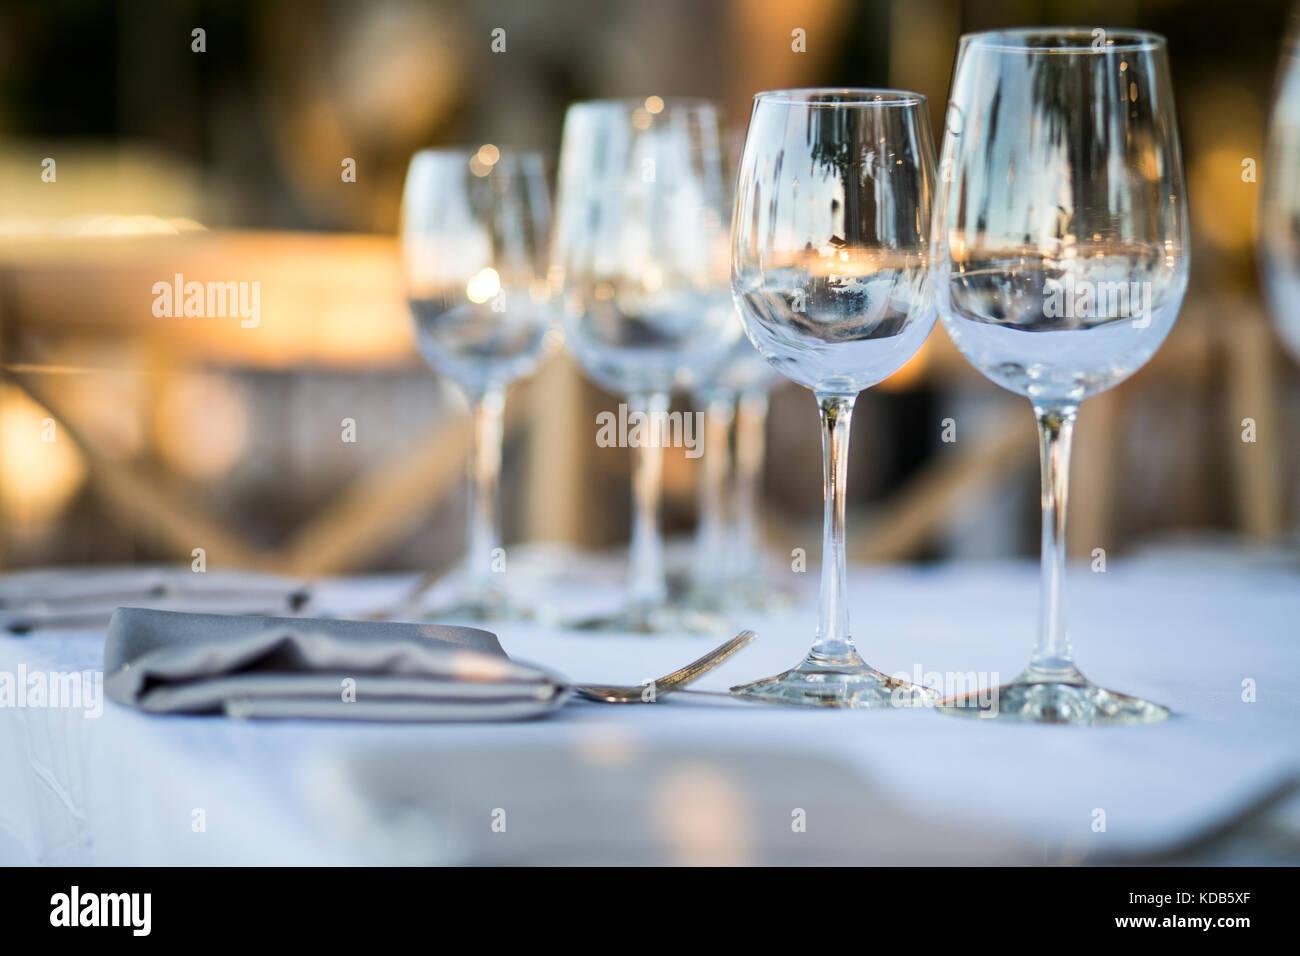 Configuración de la tabla de lujo para cenar con y cristalería, hermoso fondo borroso. Preparación Imagen De Stock